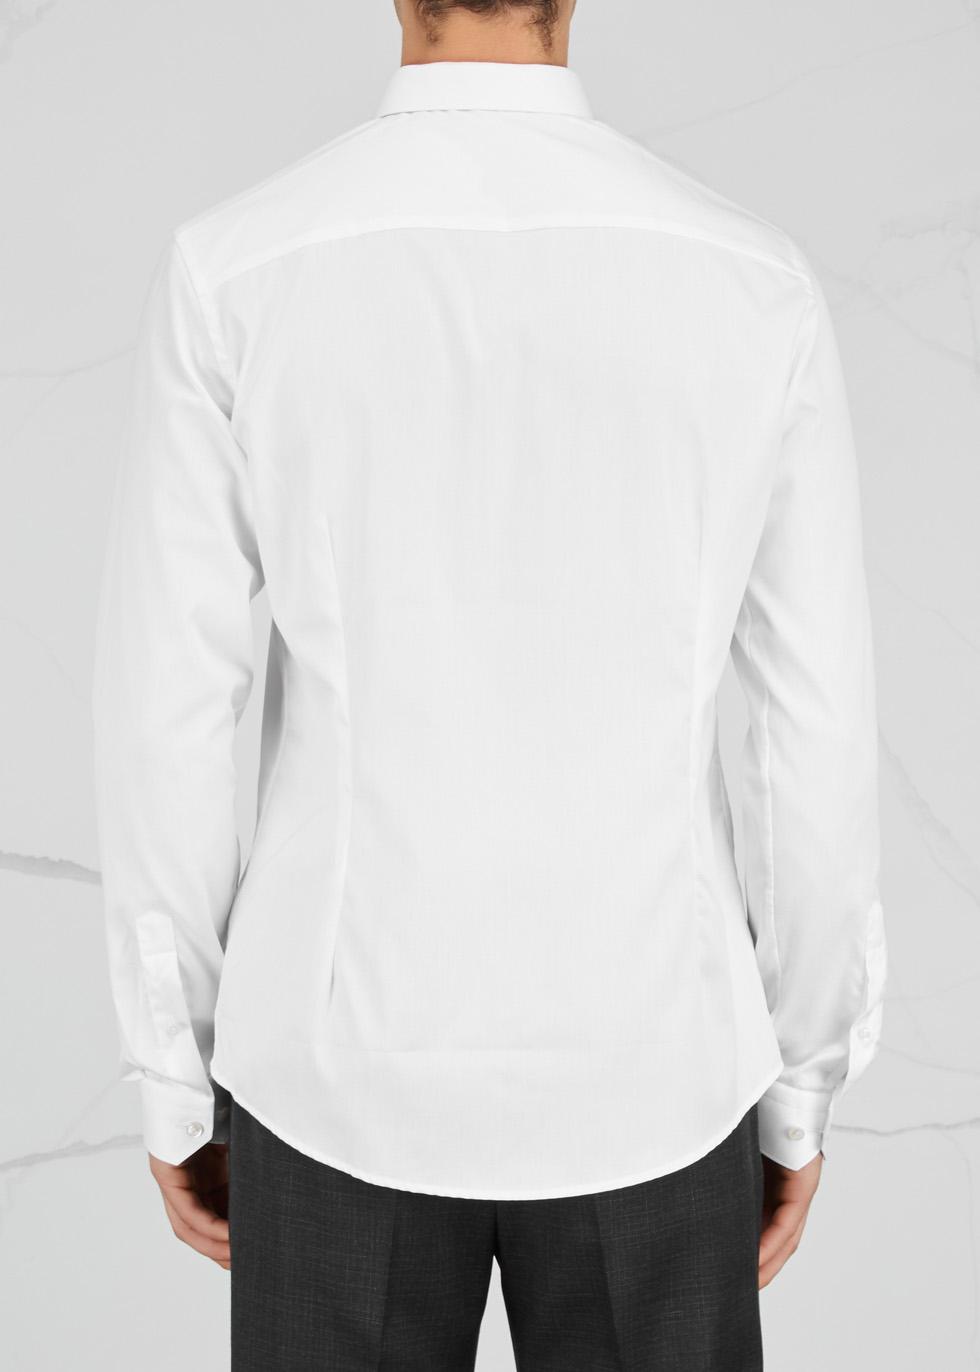 White super slim cotton twill shirt - Eton